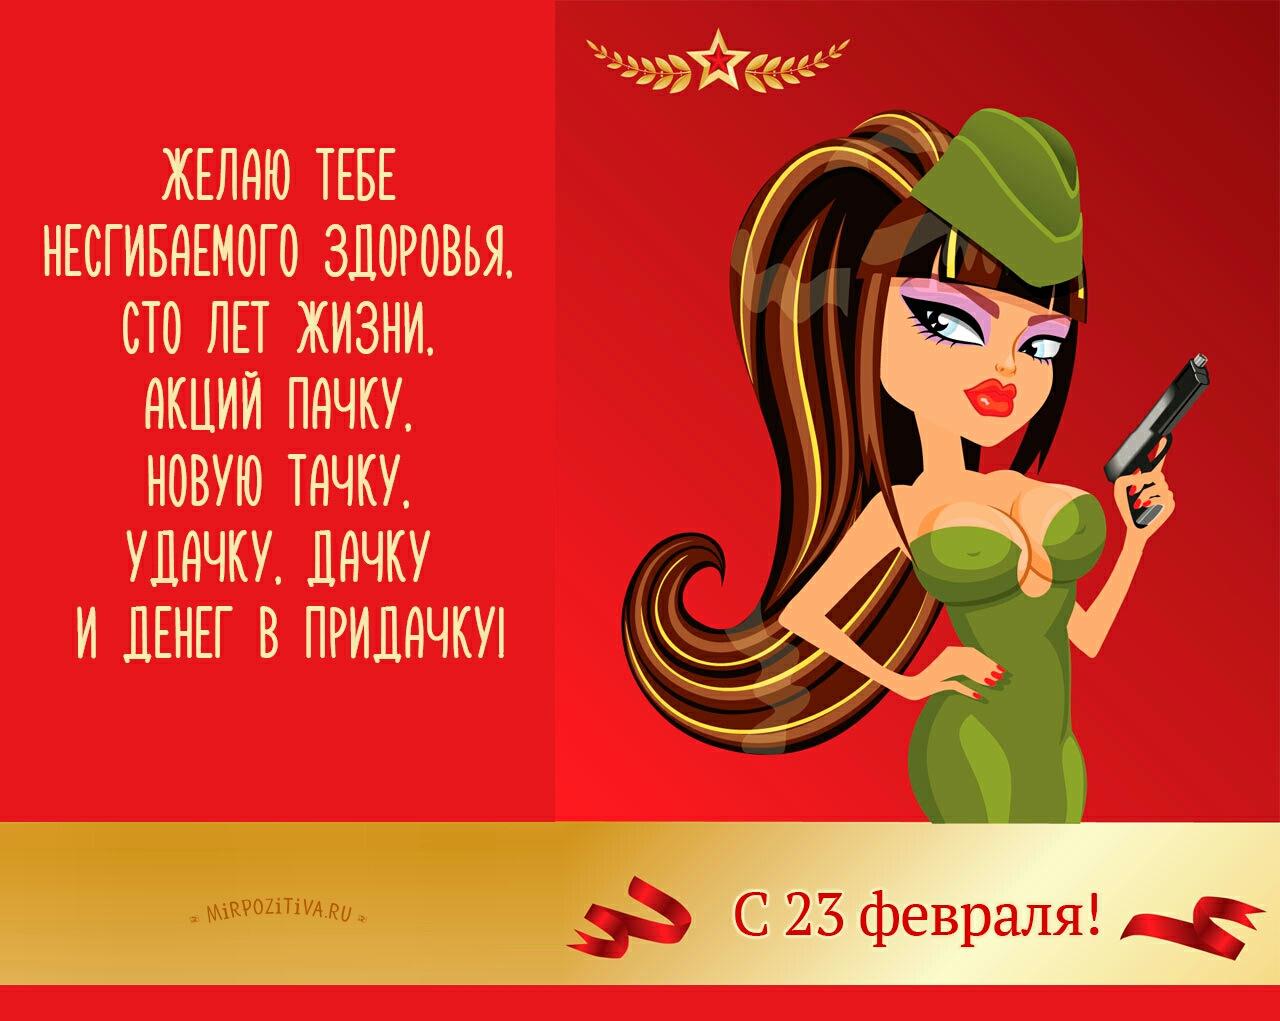 Музыкальные открытки с днем рождения мужчине не мужу на 23 февраля, иностранных мастериц раскладная